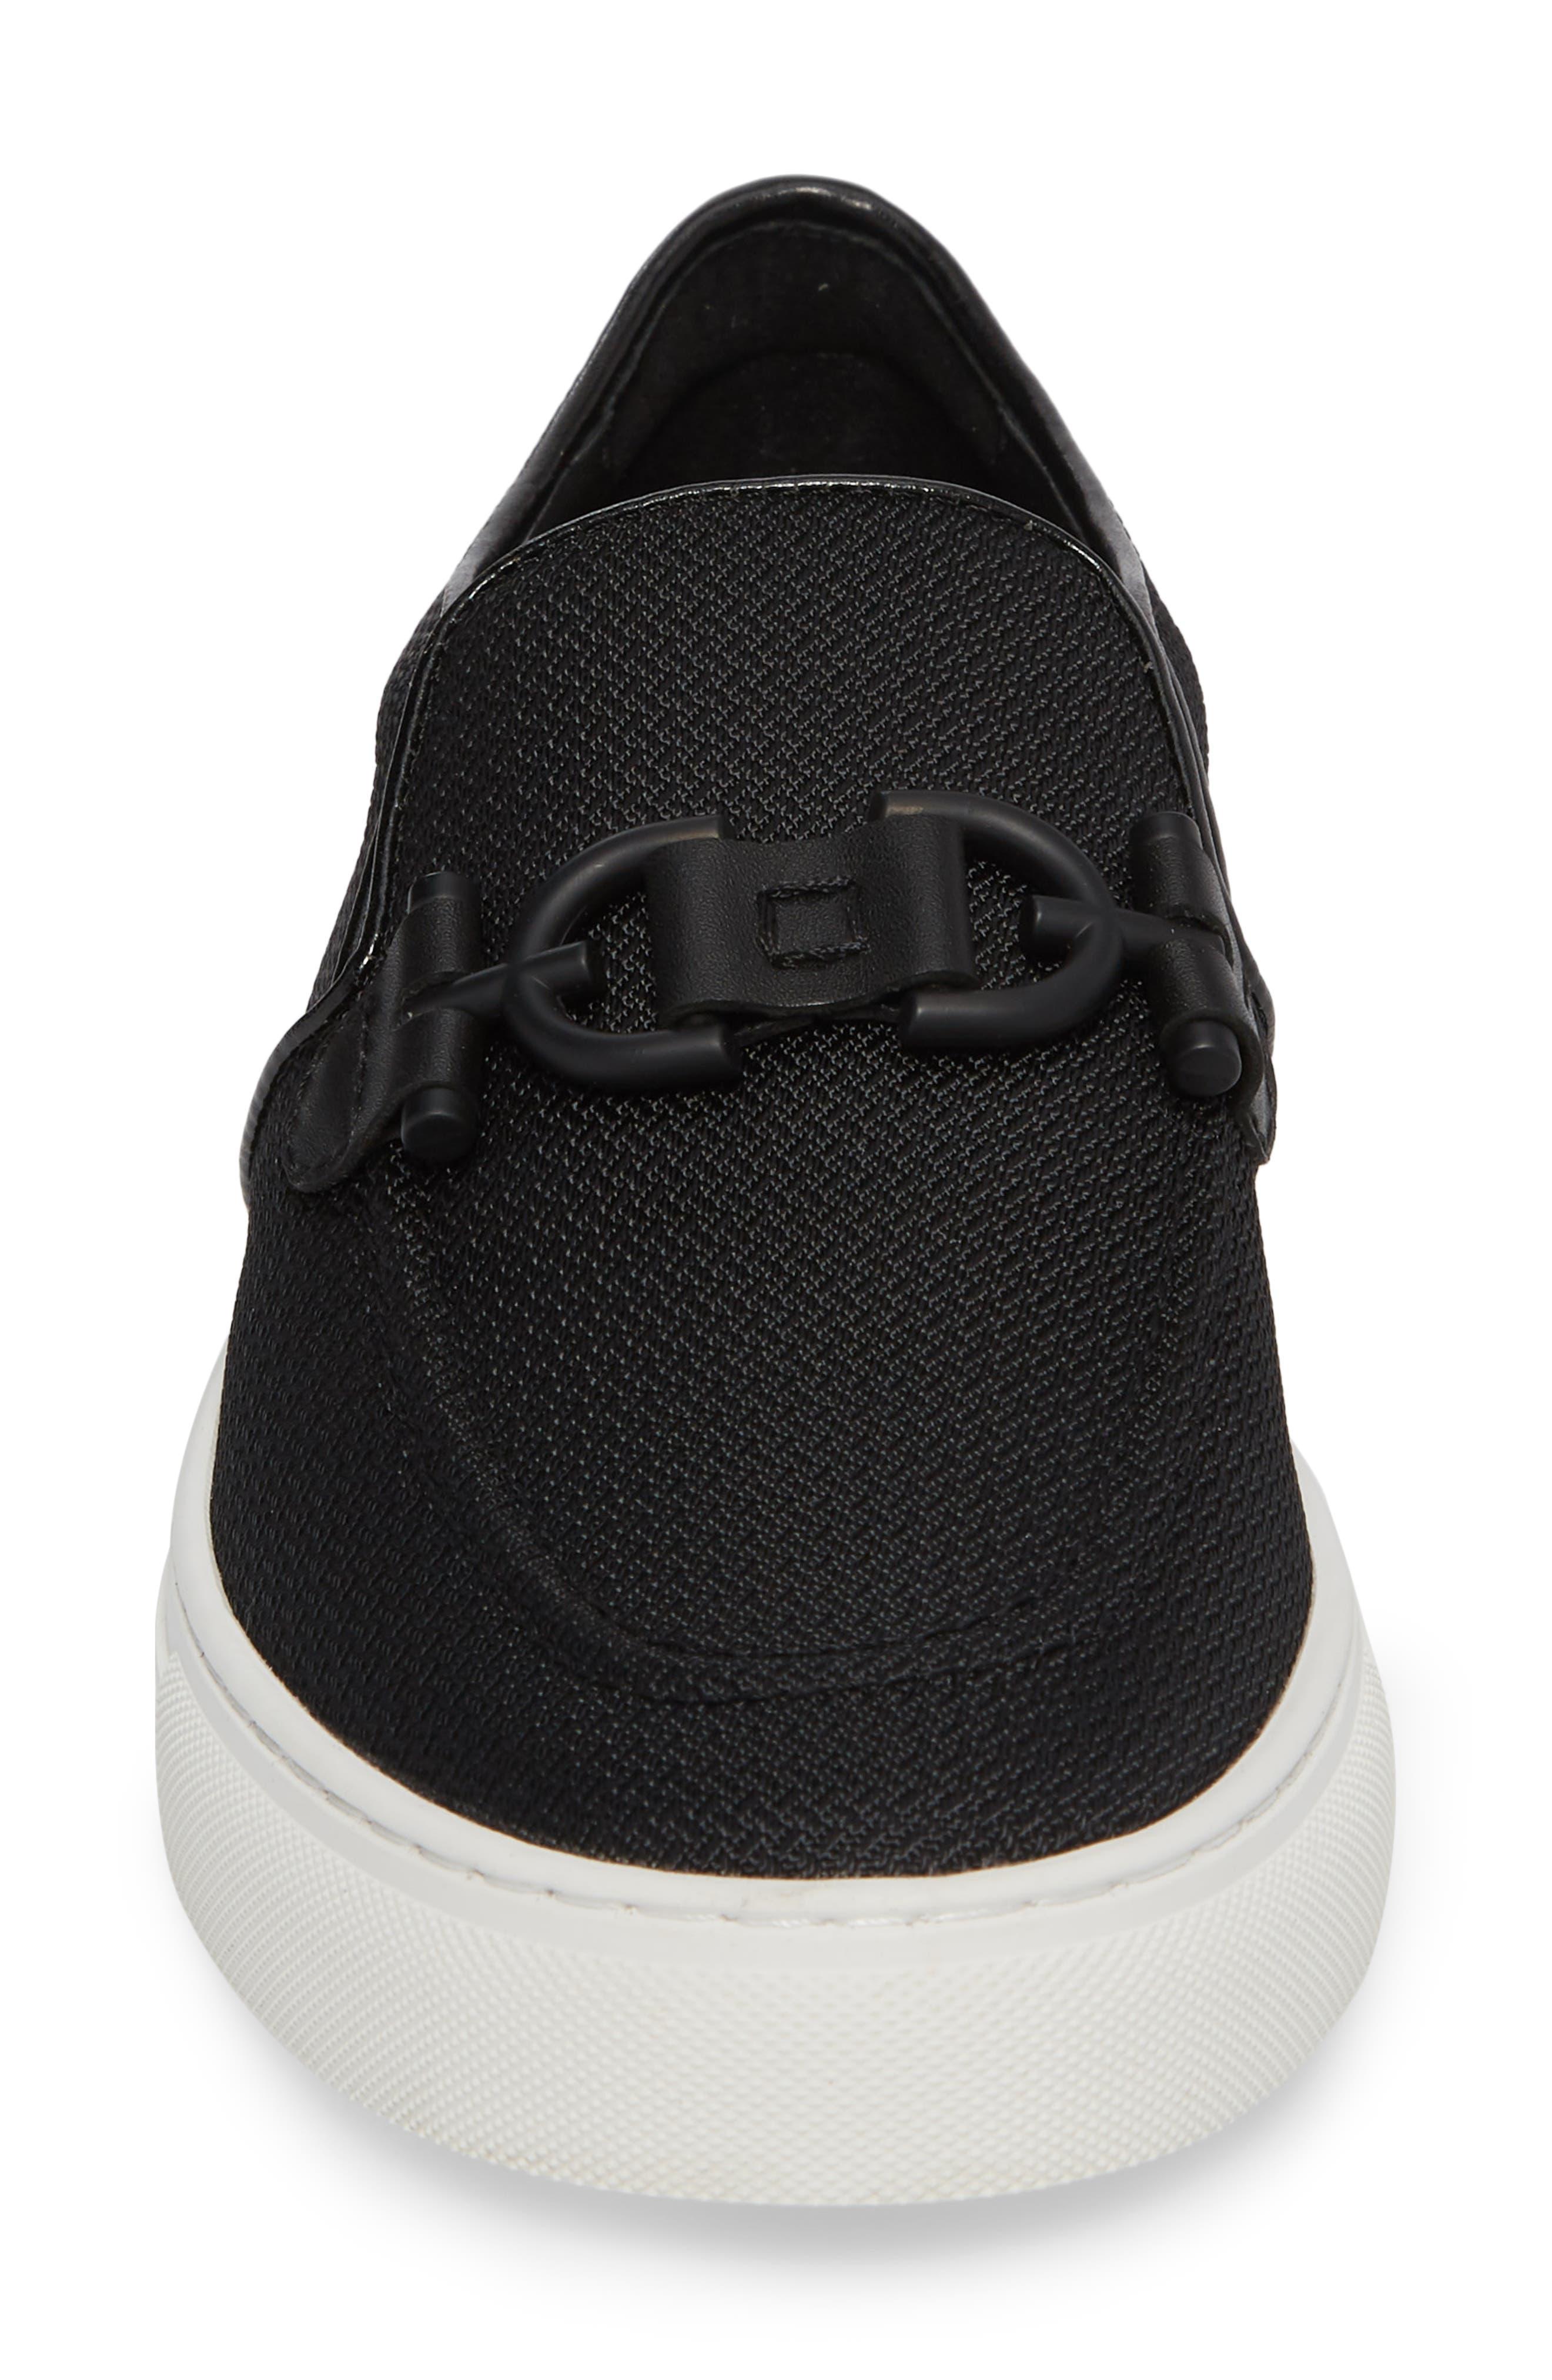 Andor Bit Slip-On Sneaker,                             Alternate thumbnail 4, color,                             001